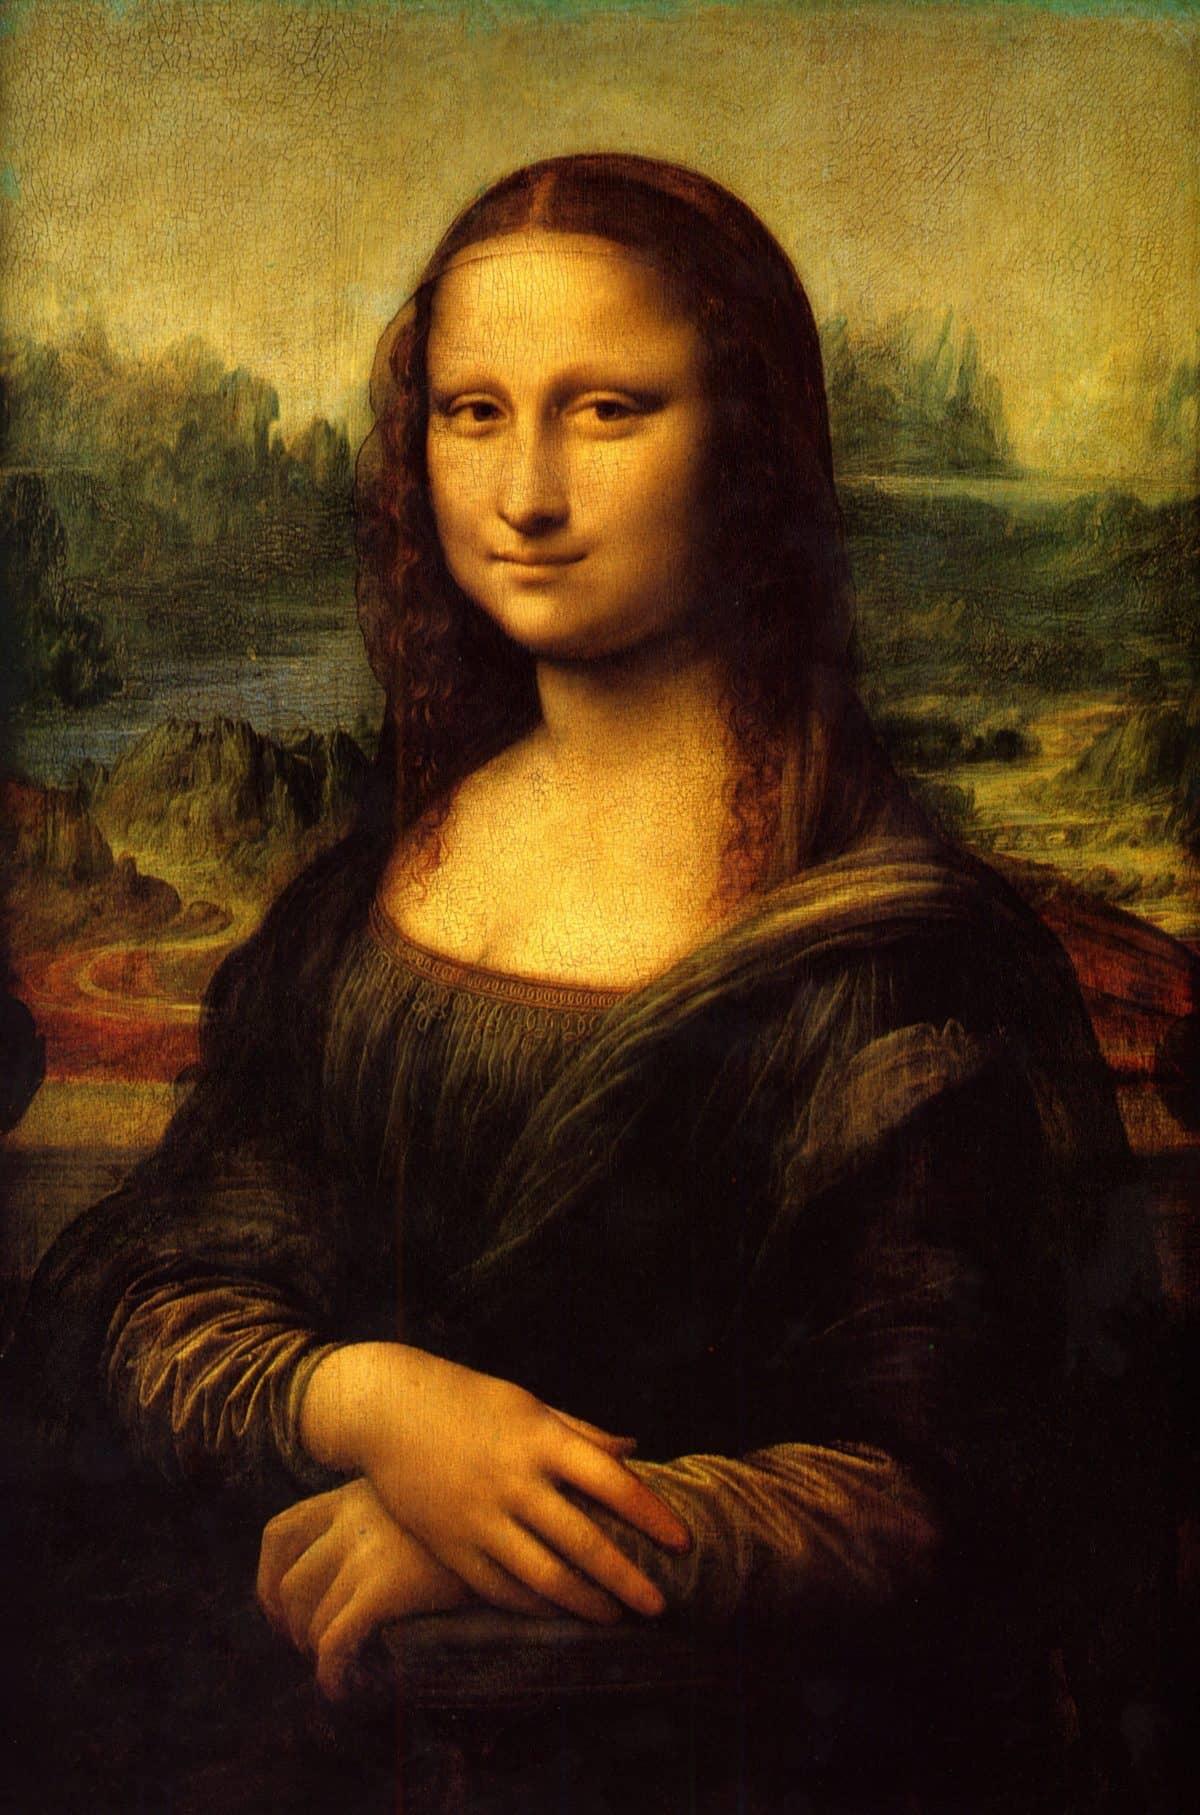 Danh họa nổi tiếng mọi thời đại của nước Ý - da Vinci